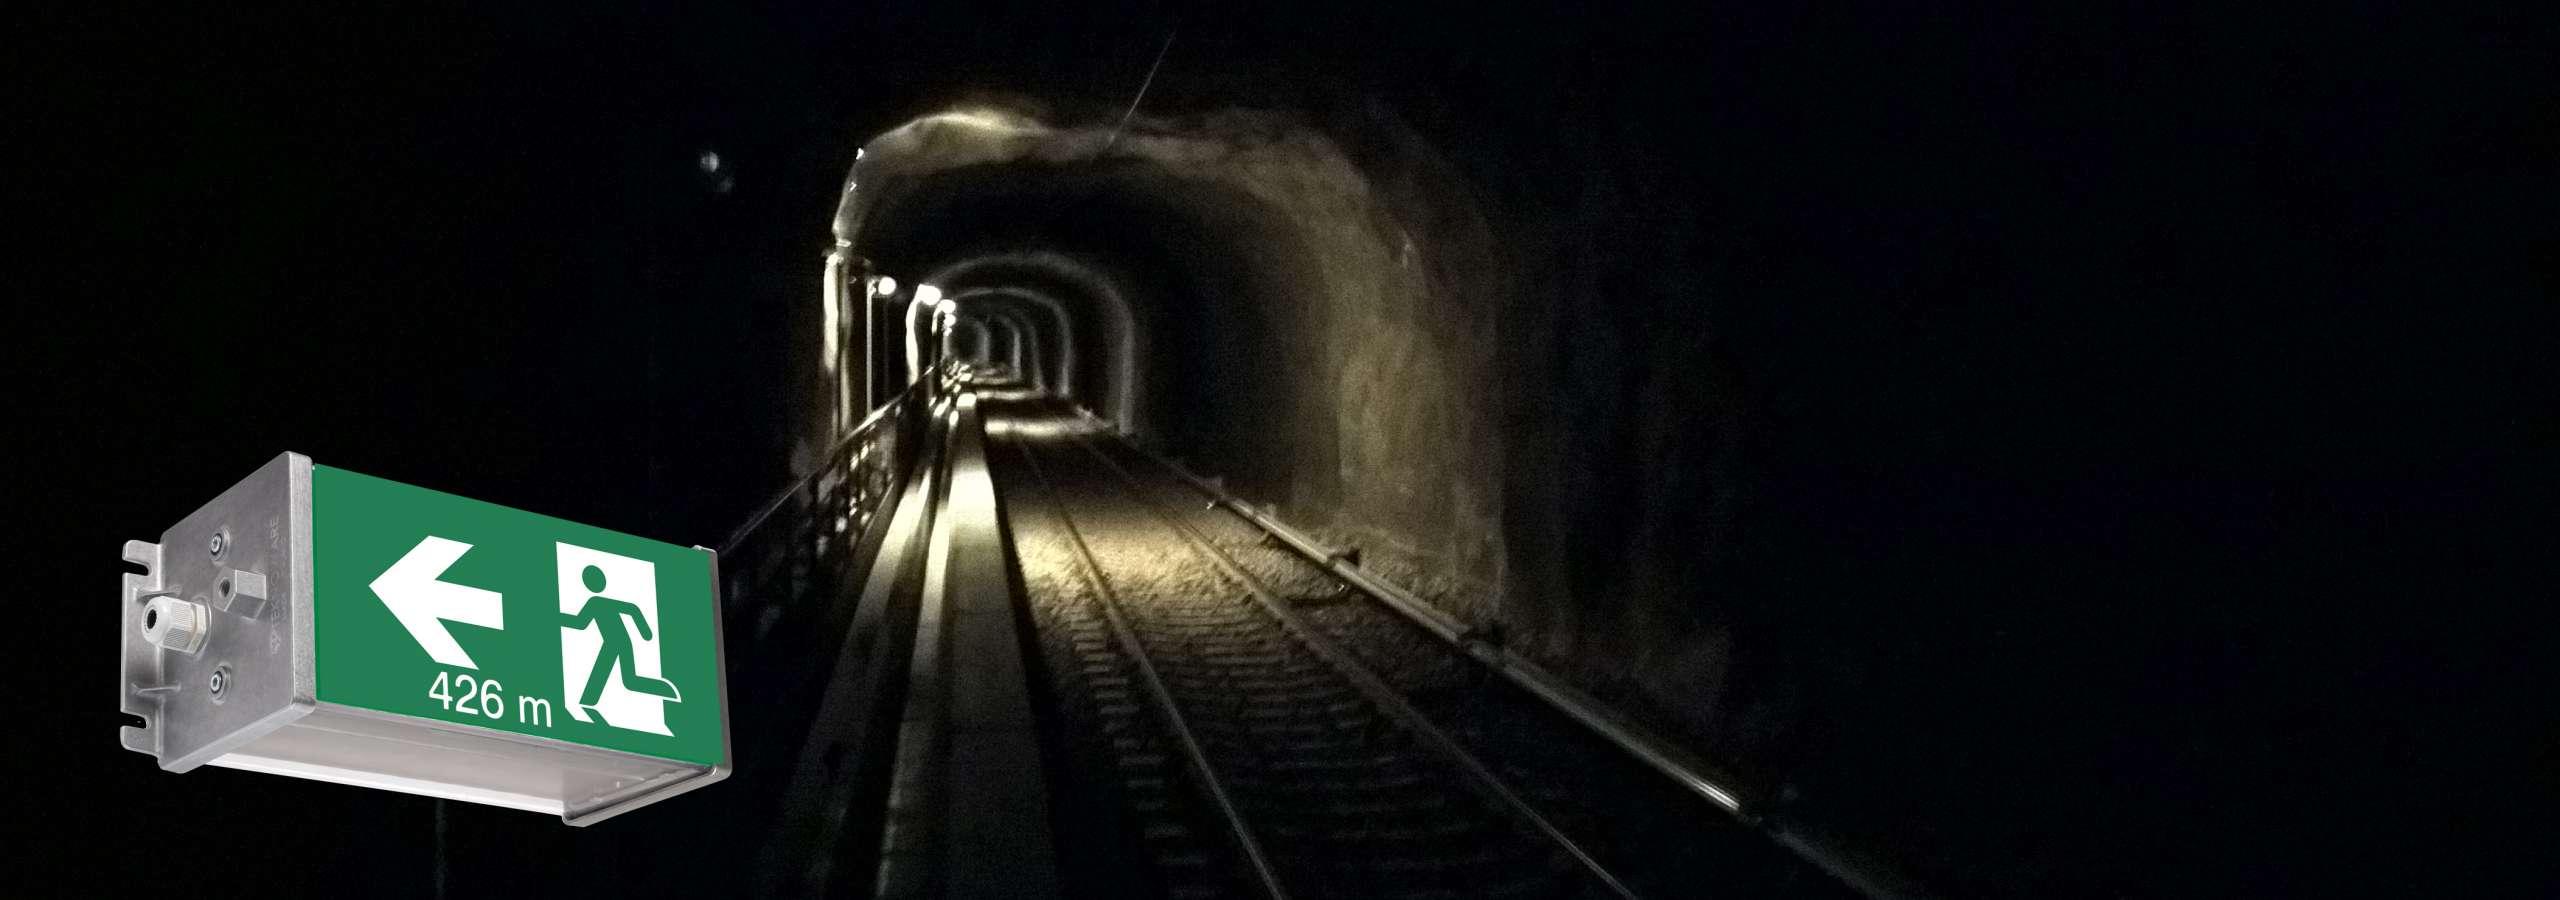 Tunneleiden turvavalaistus